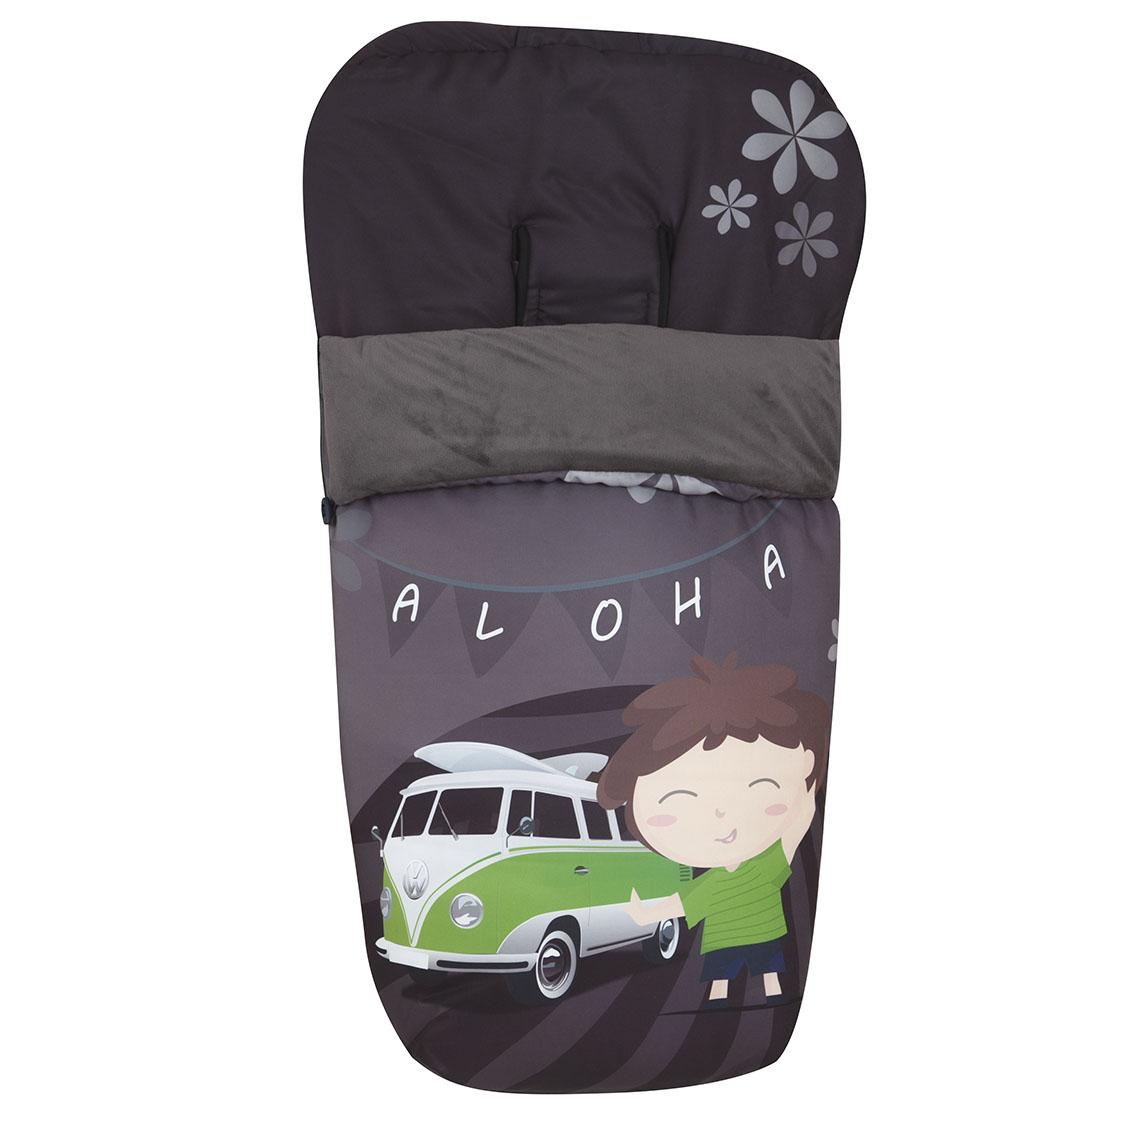 Saco de silla aloha chico for Sillas para chicos